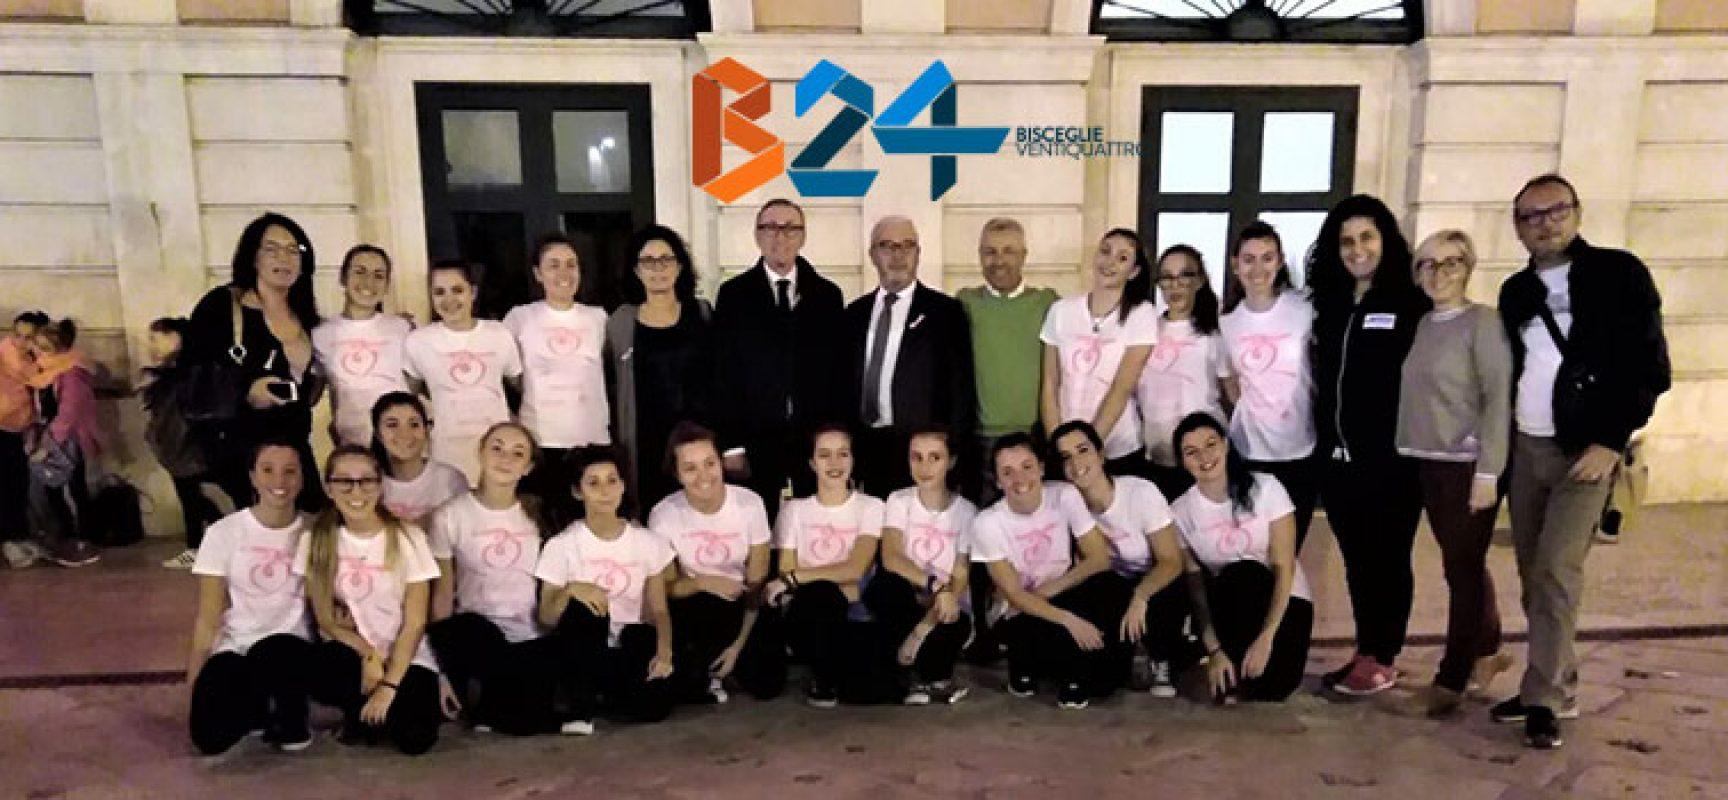 Bisceglie si colora di rosa per la lotta contro il tumore al seno / FOTO